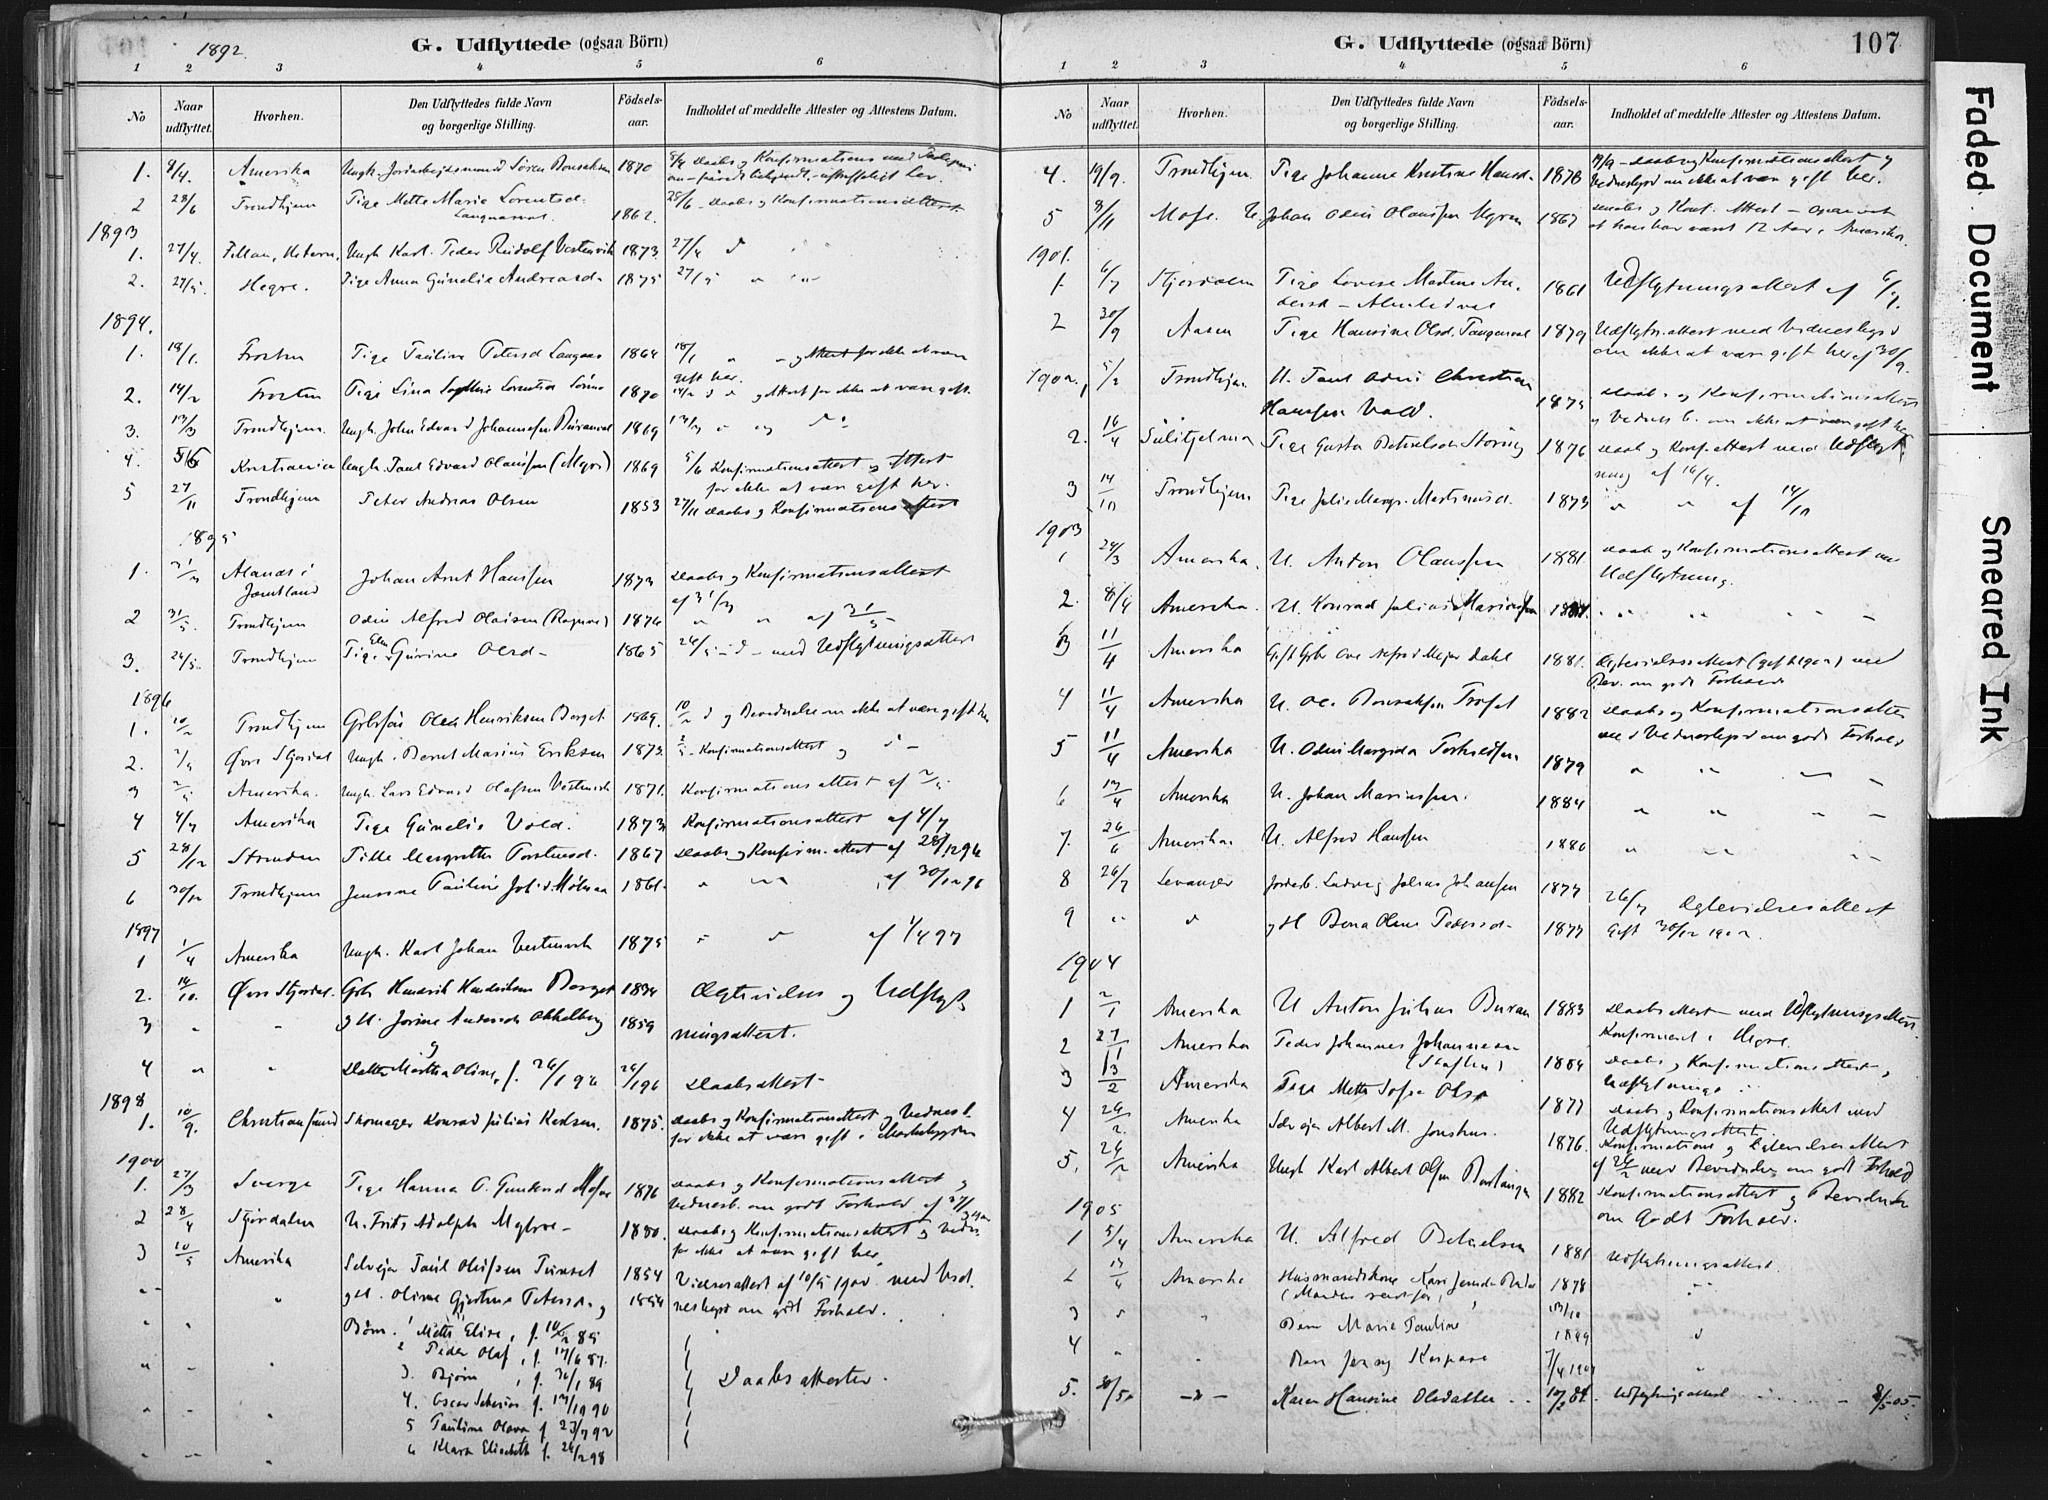 SAT, Ministerialprotokoller, klokkerbøker og fødselsregistre - Nord-Trøndelag, 718/L0175: Ministerialbok nr. 718A01, 1890-1923, s. 107